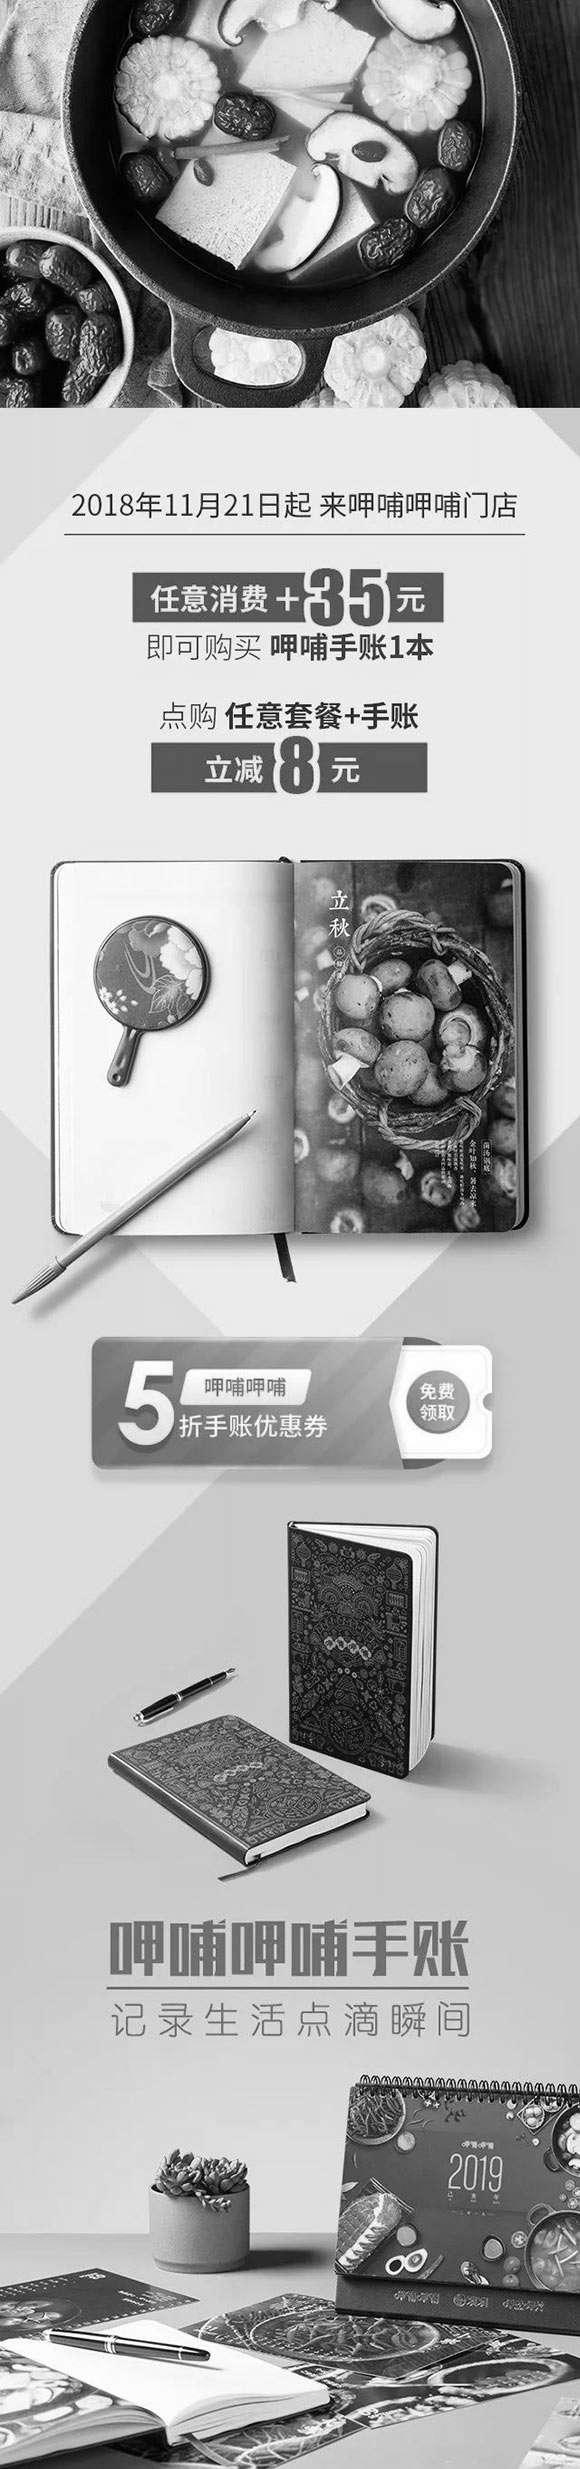 黑白优惠券图片:呷哺呷哺2019手账,任意消费+35元购,点任意套餐+手账立减8元 - www.5ikfc.com